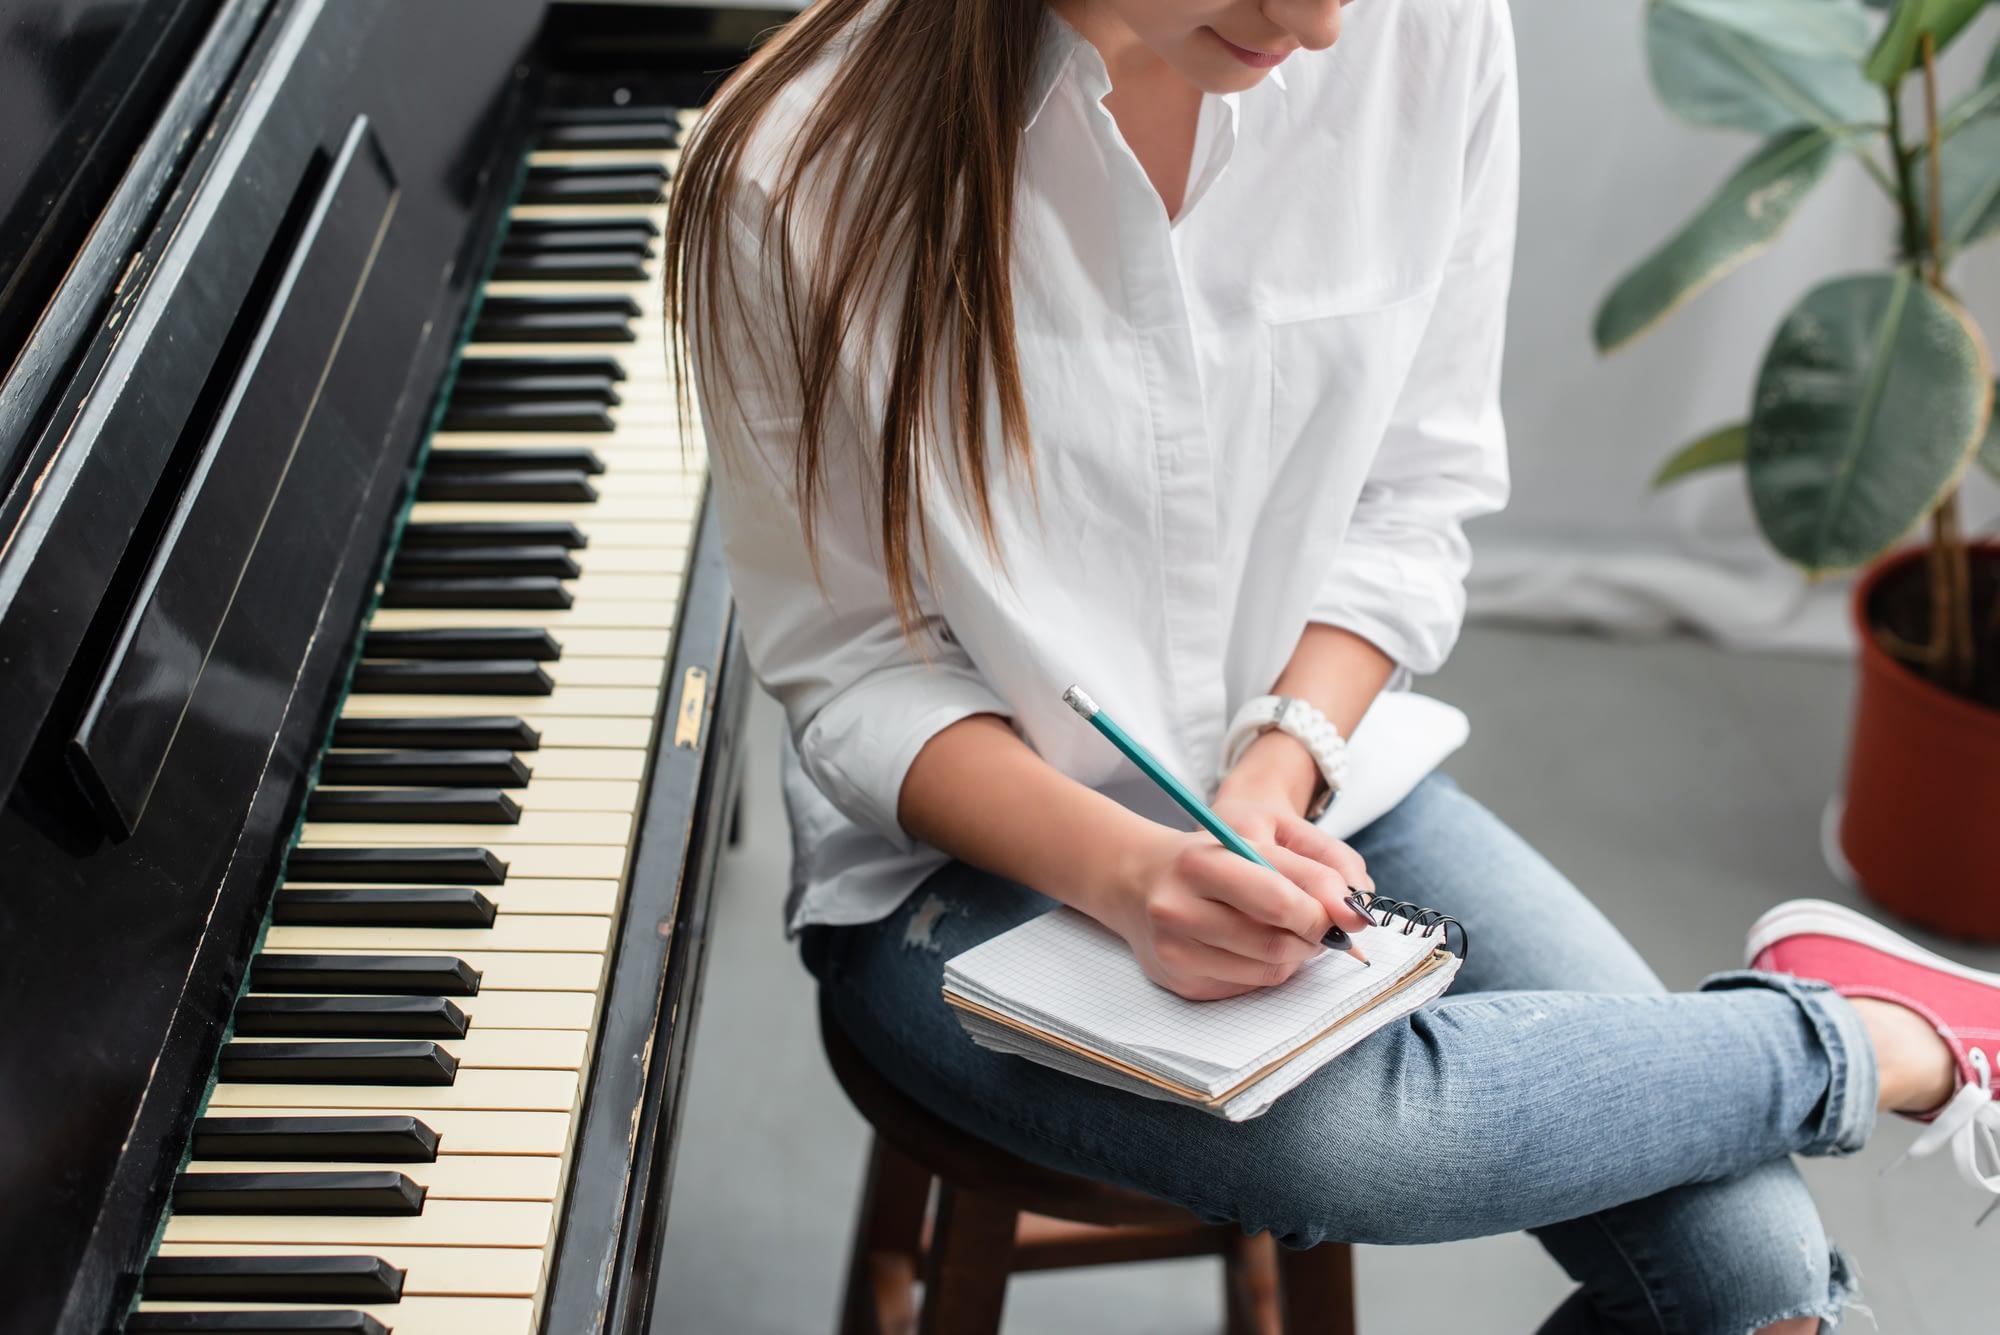 Taking notes singing teacher